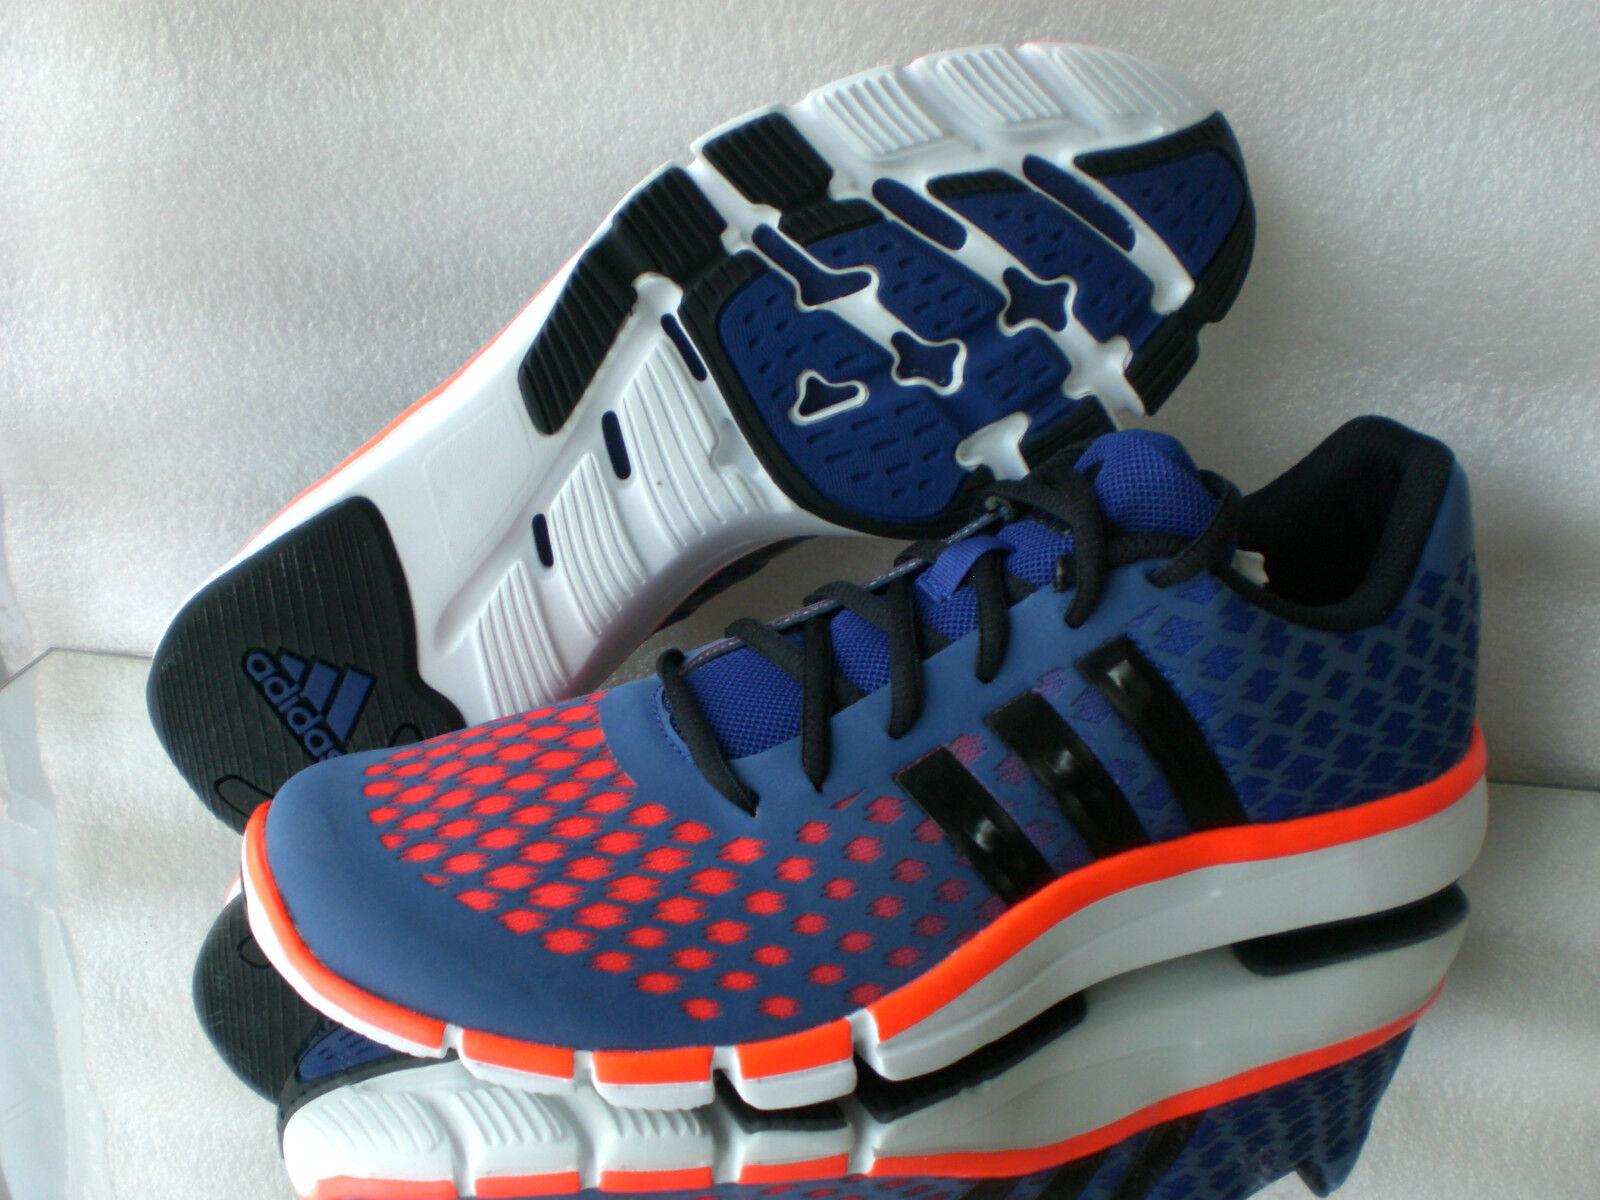 ADIDAS Adipure 360.2 primo b26686 TapisTurnScarpe scarpe da ginnastica Blu Nuovo